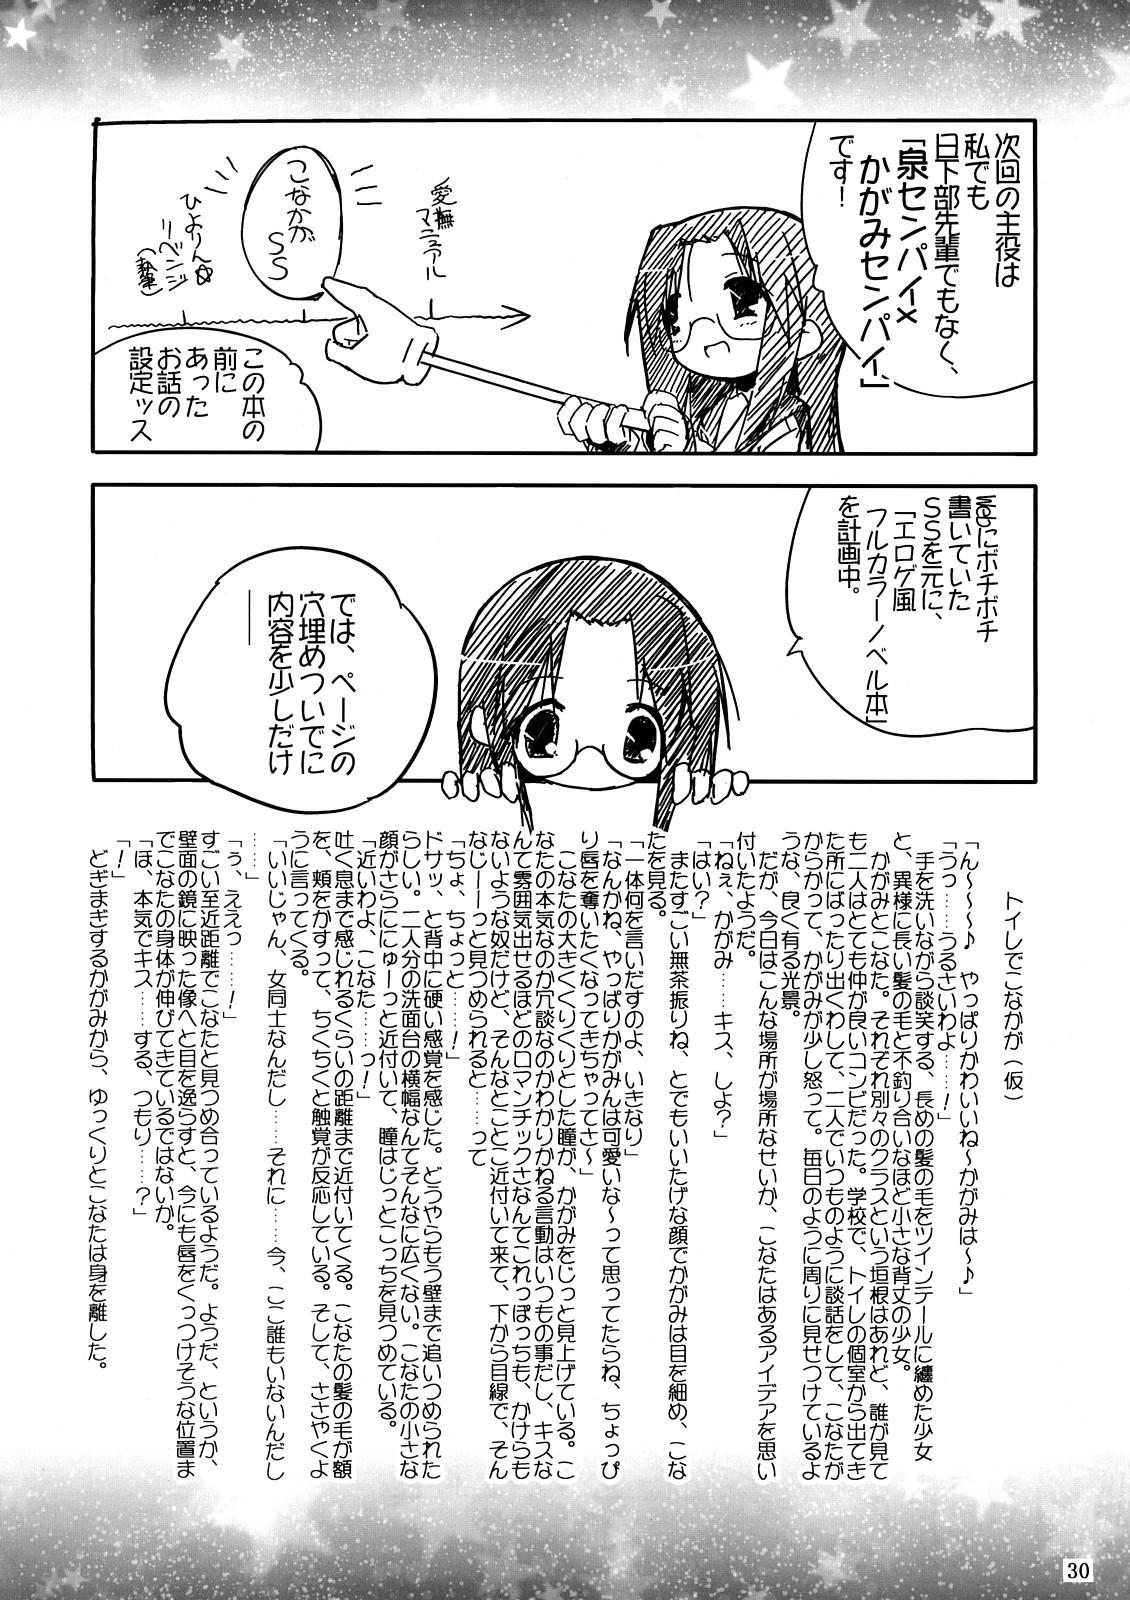 Hiiragi Shimai Aibu Manual 29